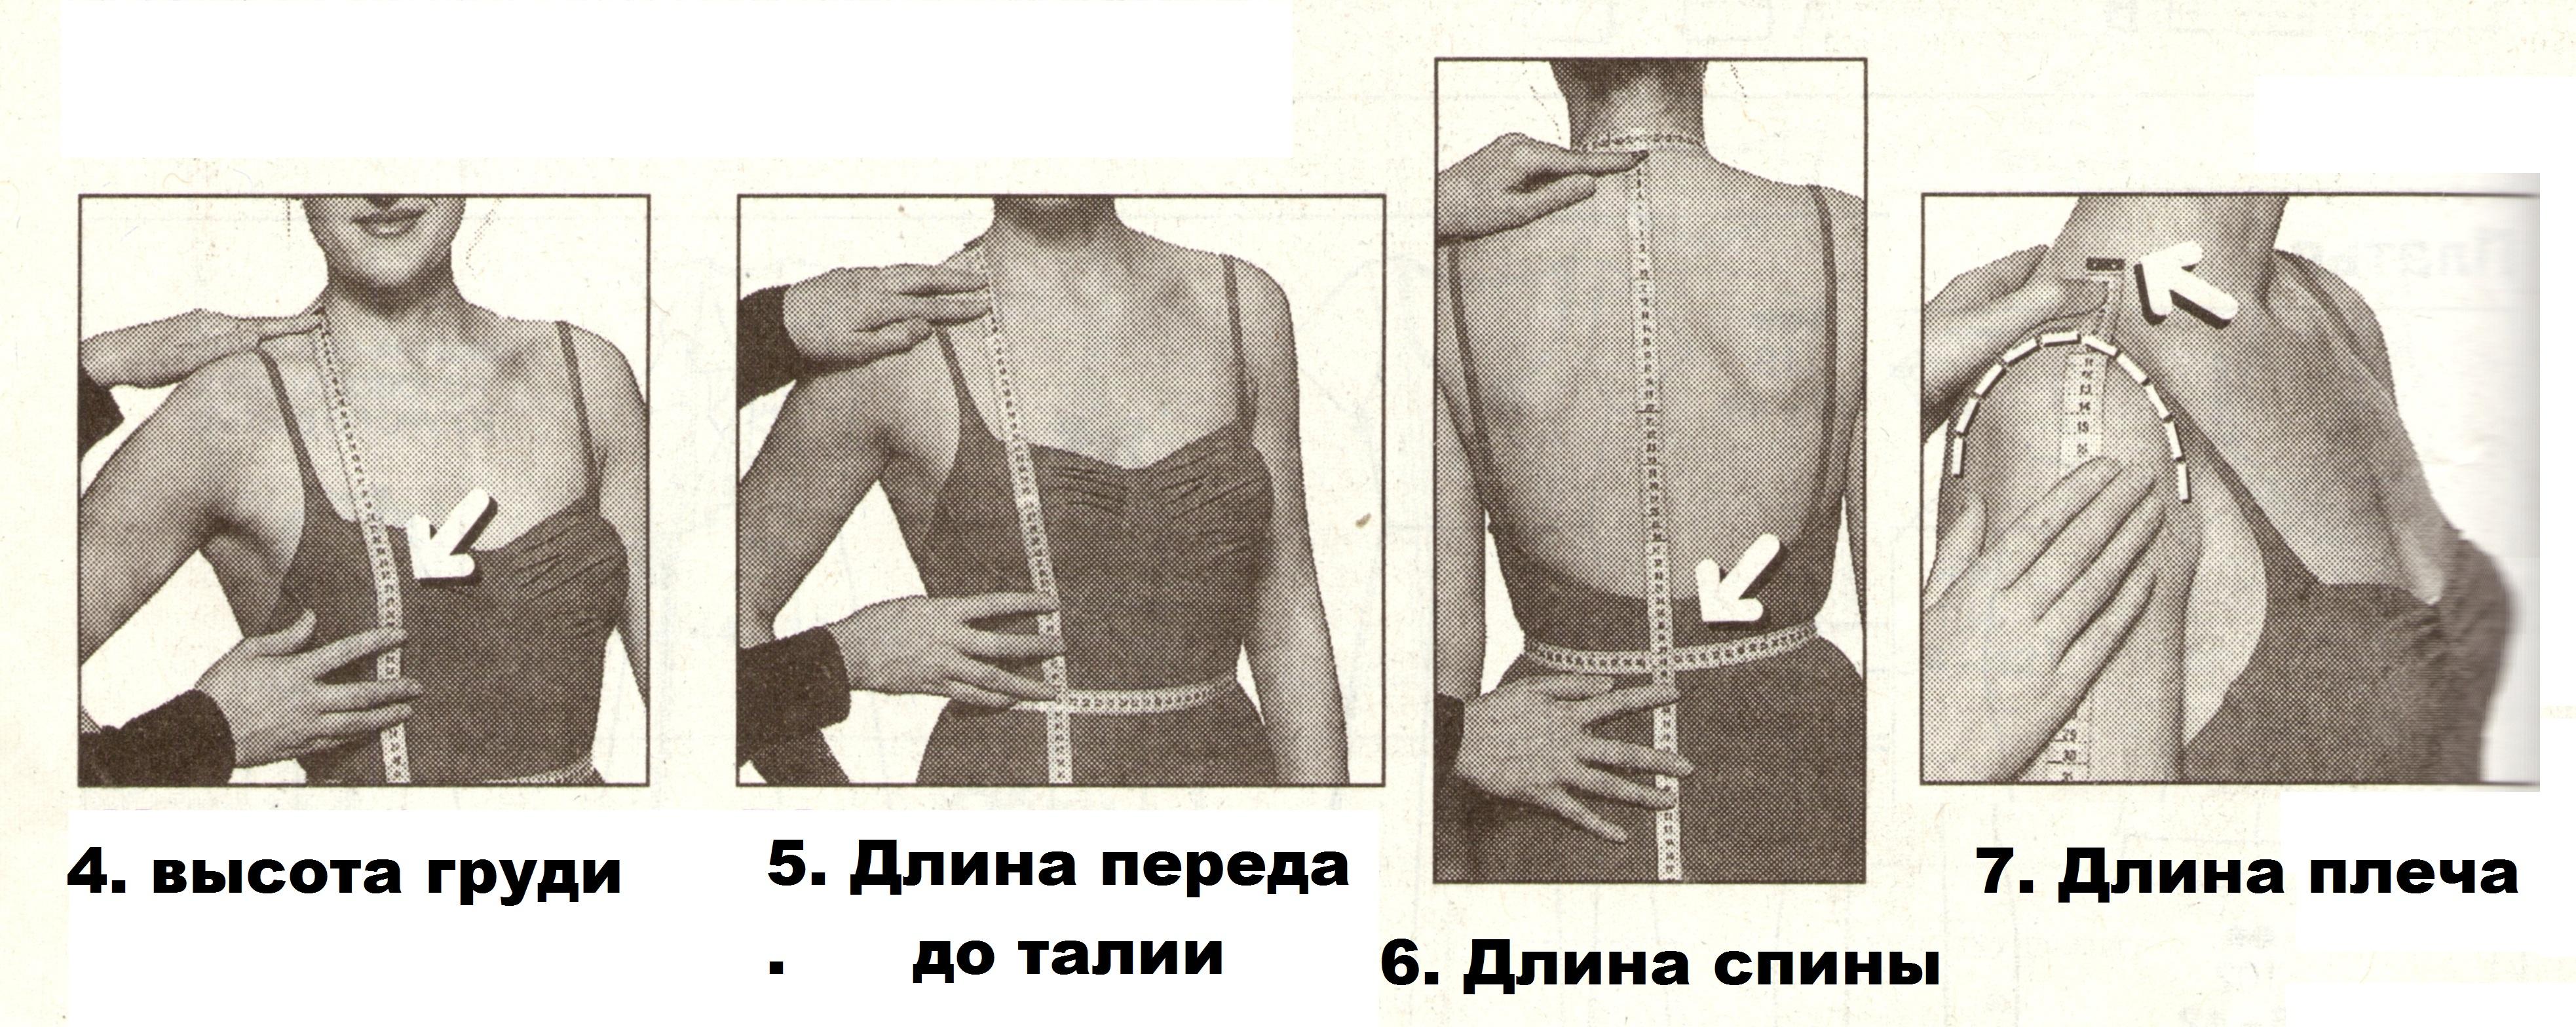 Как измерить грудь 17 фотография